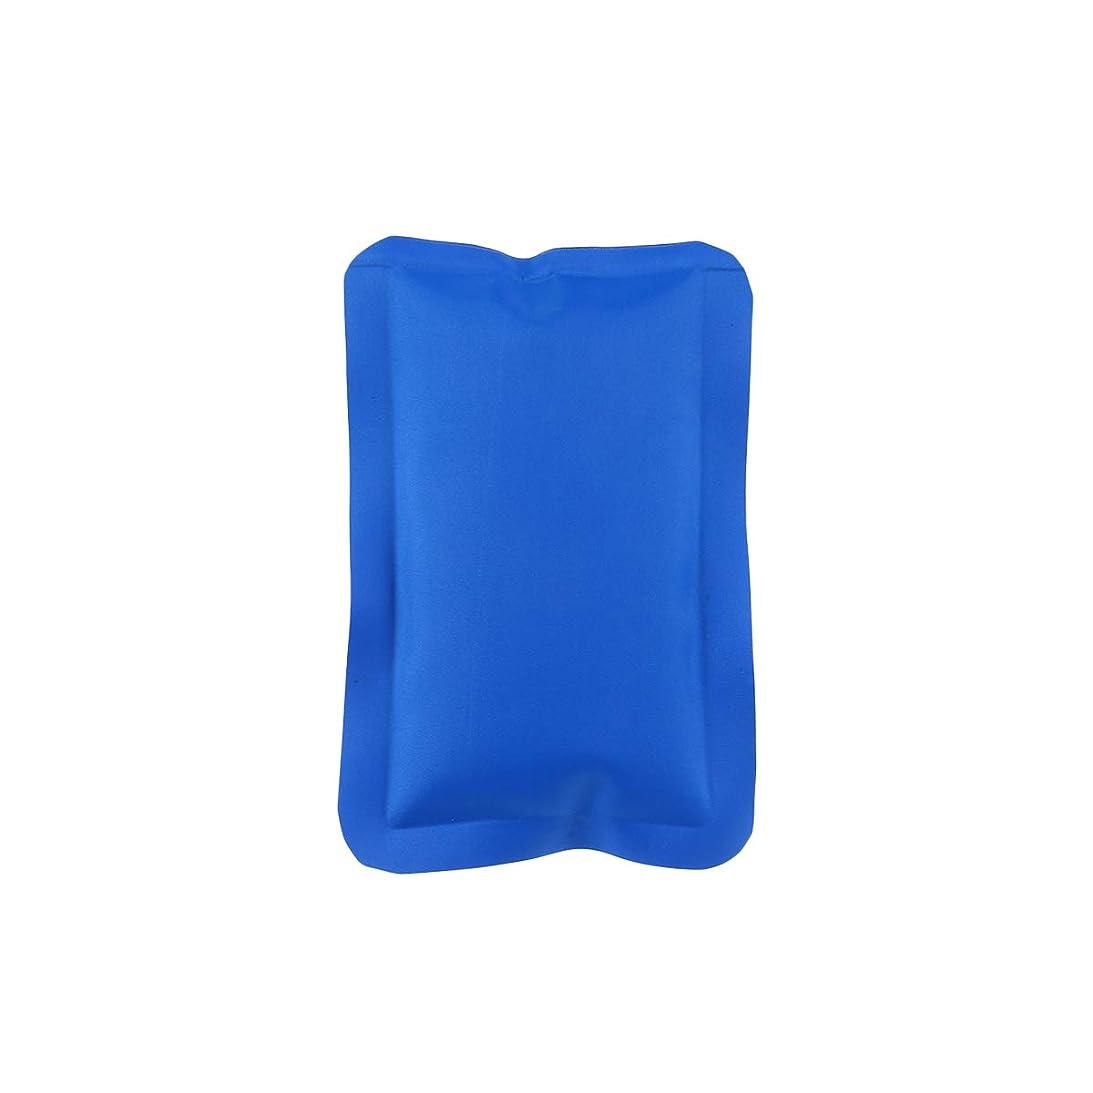 スプーン硬さ永久にHEALLILY 150ML再利用可能なホット&コールドジェルパック(コンプレッションラップスポーツ傷害)ジェルアイスパック多目的ヒートパック(マッスルリリーフ用、16x10x1cm、ブルー)